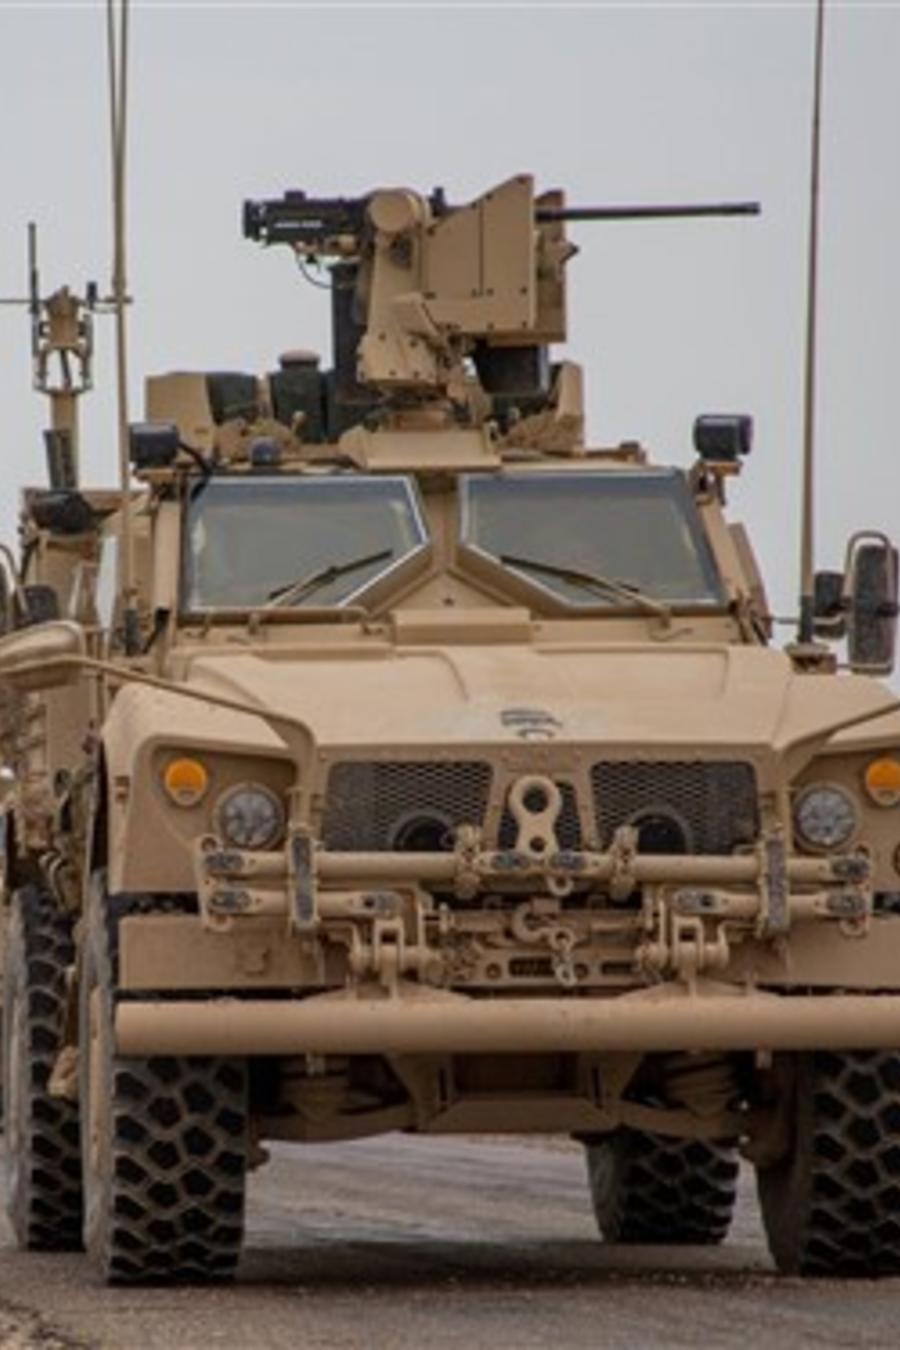 El 22 de noviembre un convoy de vehículos militares en la coalición anti-ISIS viaja en la provincia Deir ez-Zor de Siria/ Archivo de Reuters.